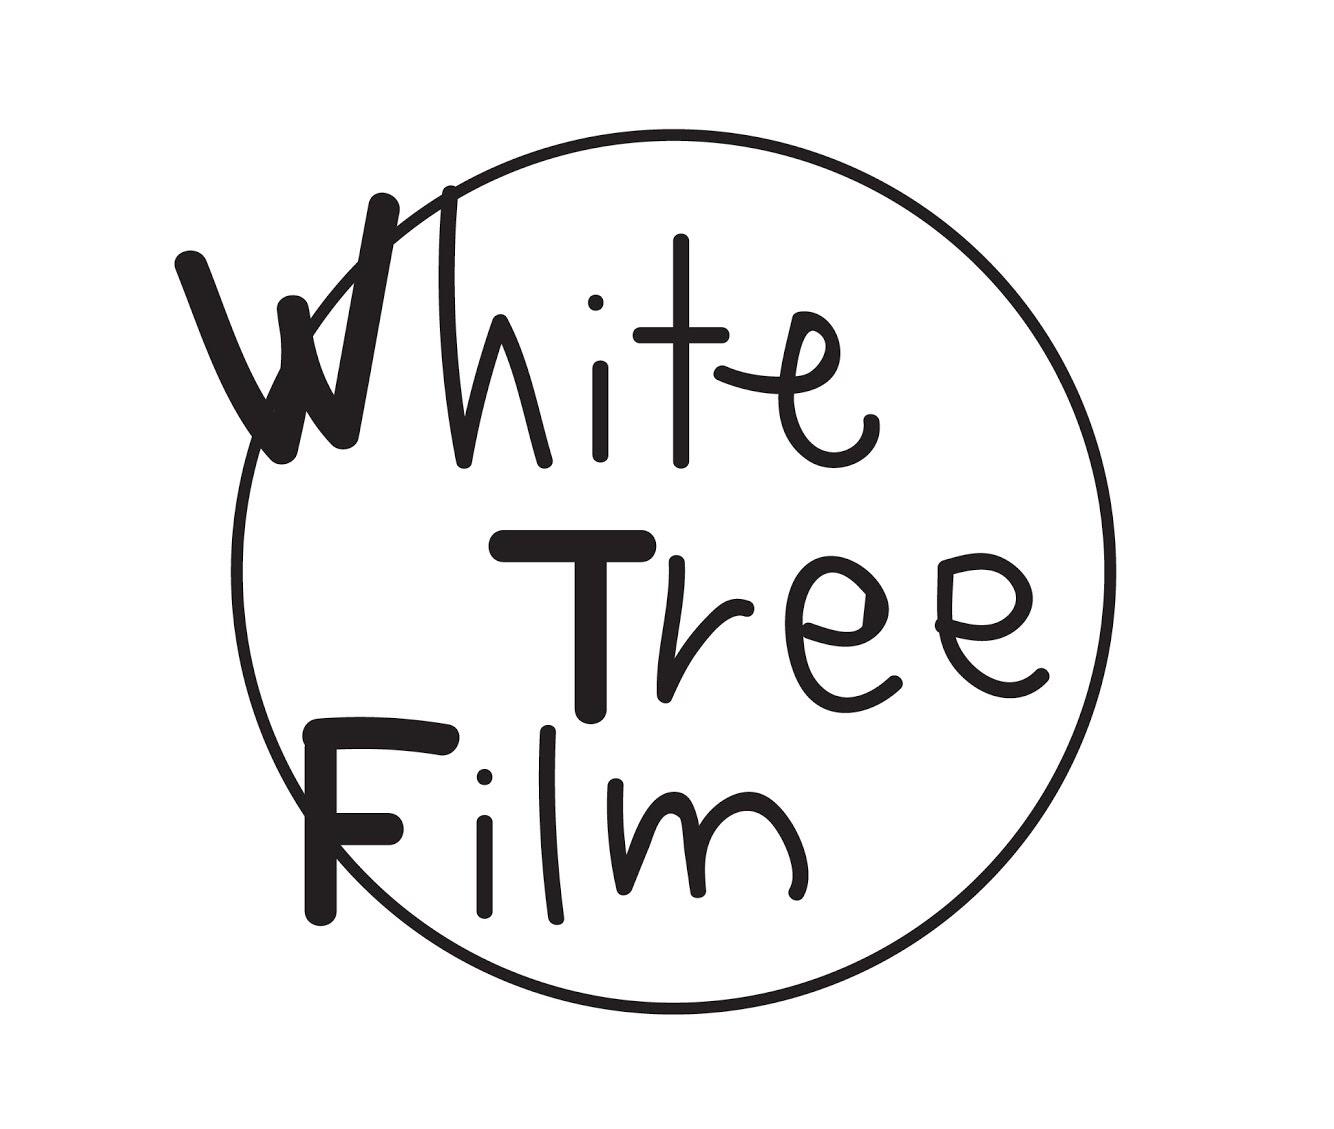 WhiteTreeFilm